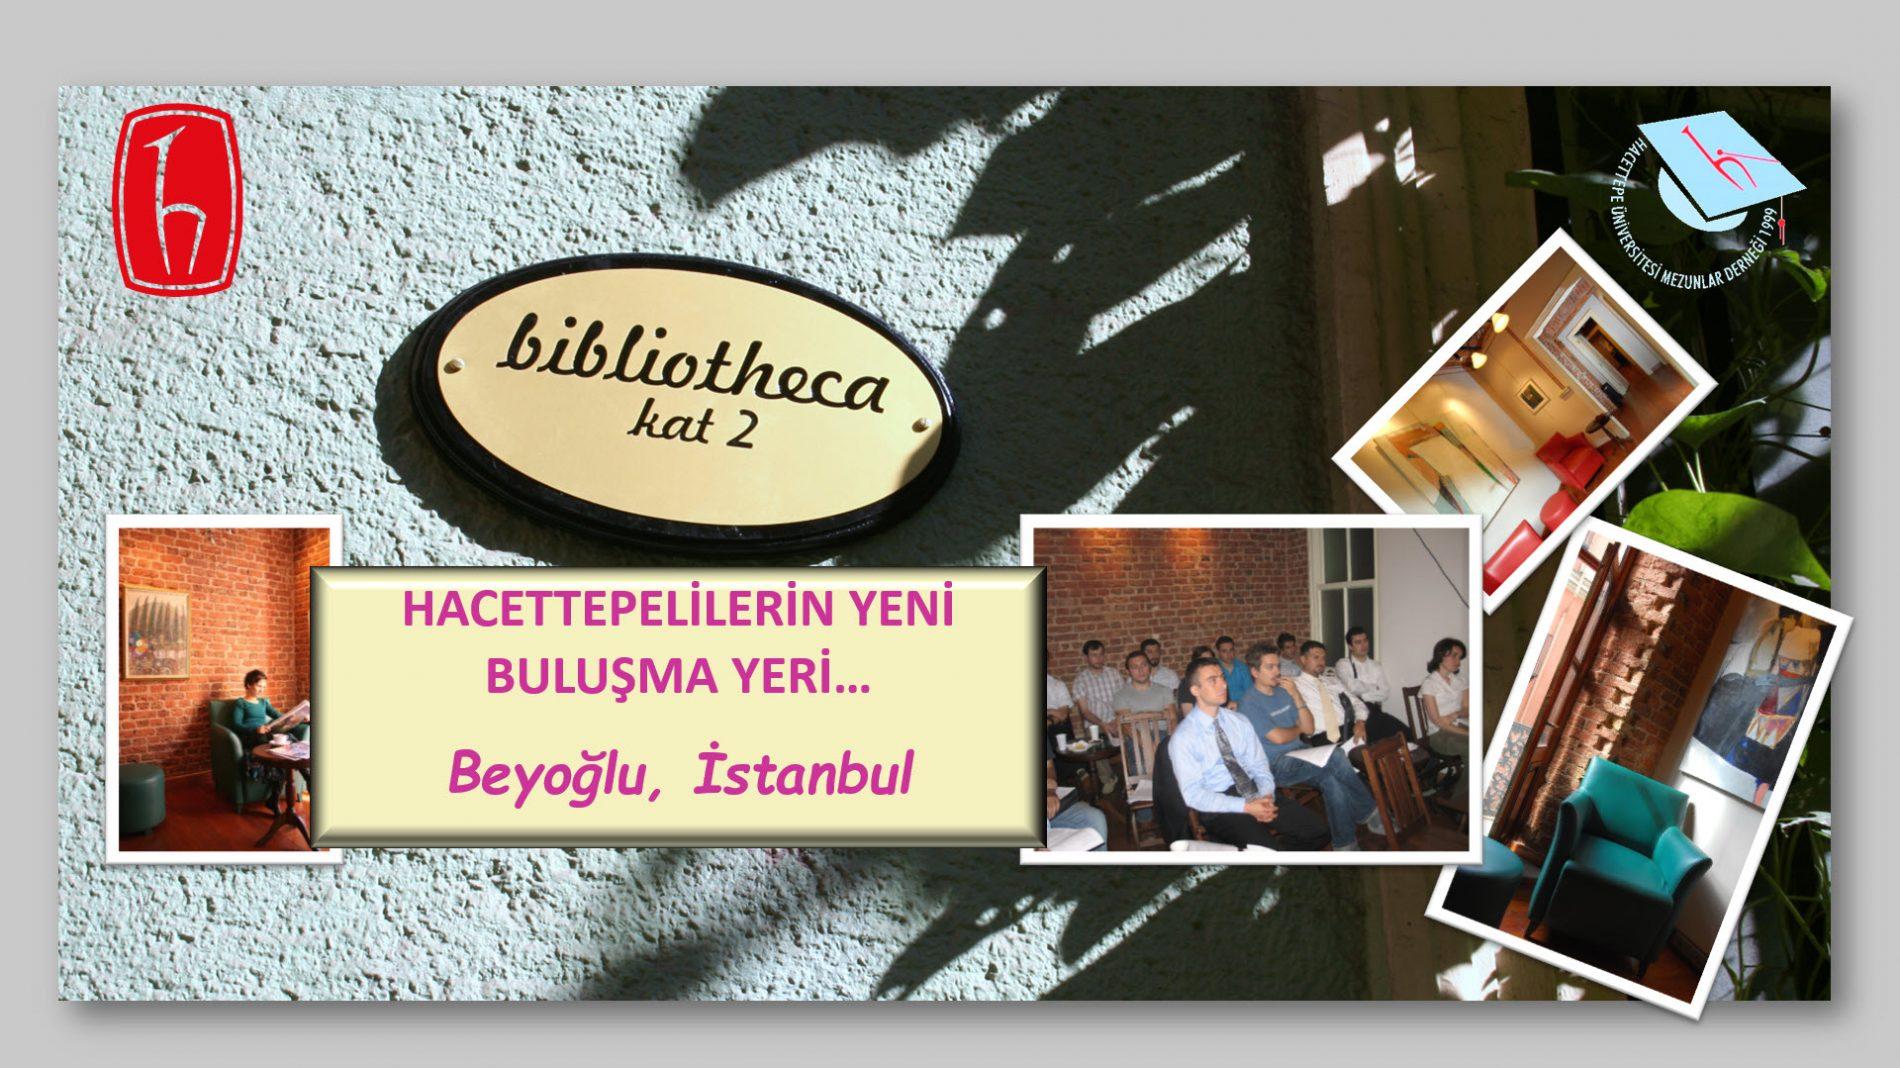 Biblioteka İstanbul Hacettepelilerin Yeni Buluşma Yeri Oldu